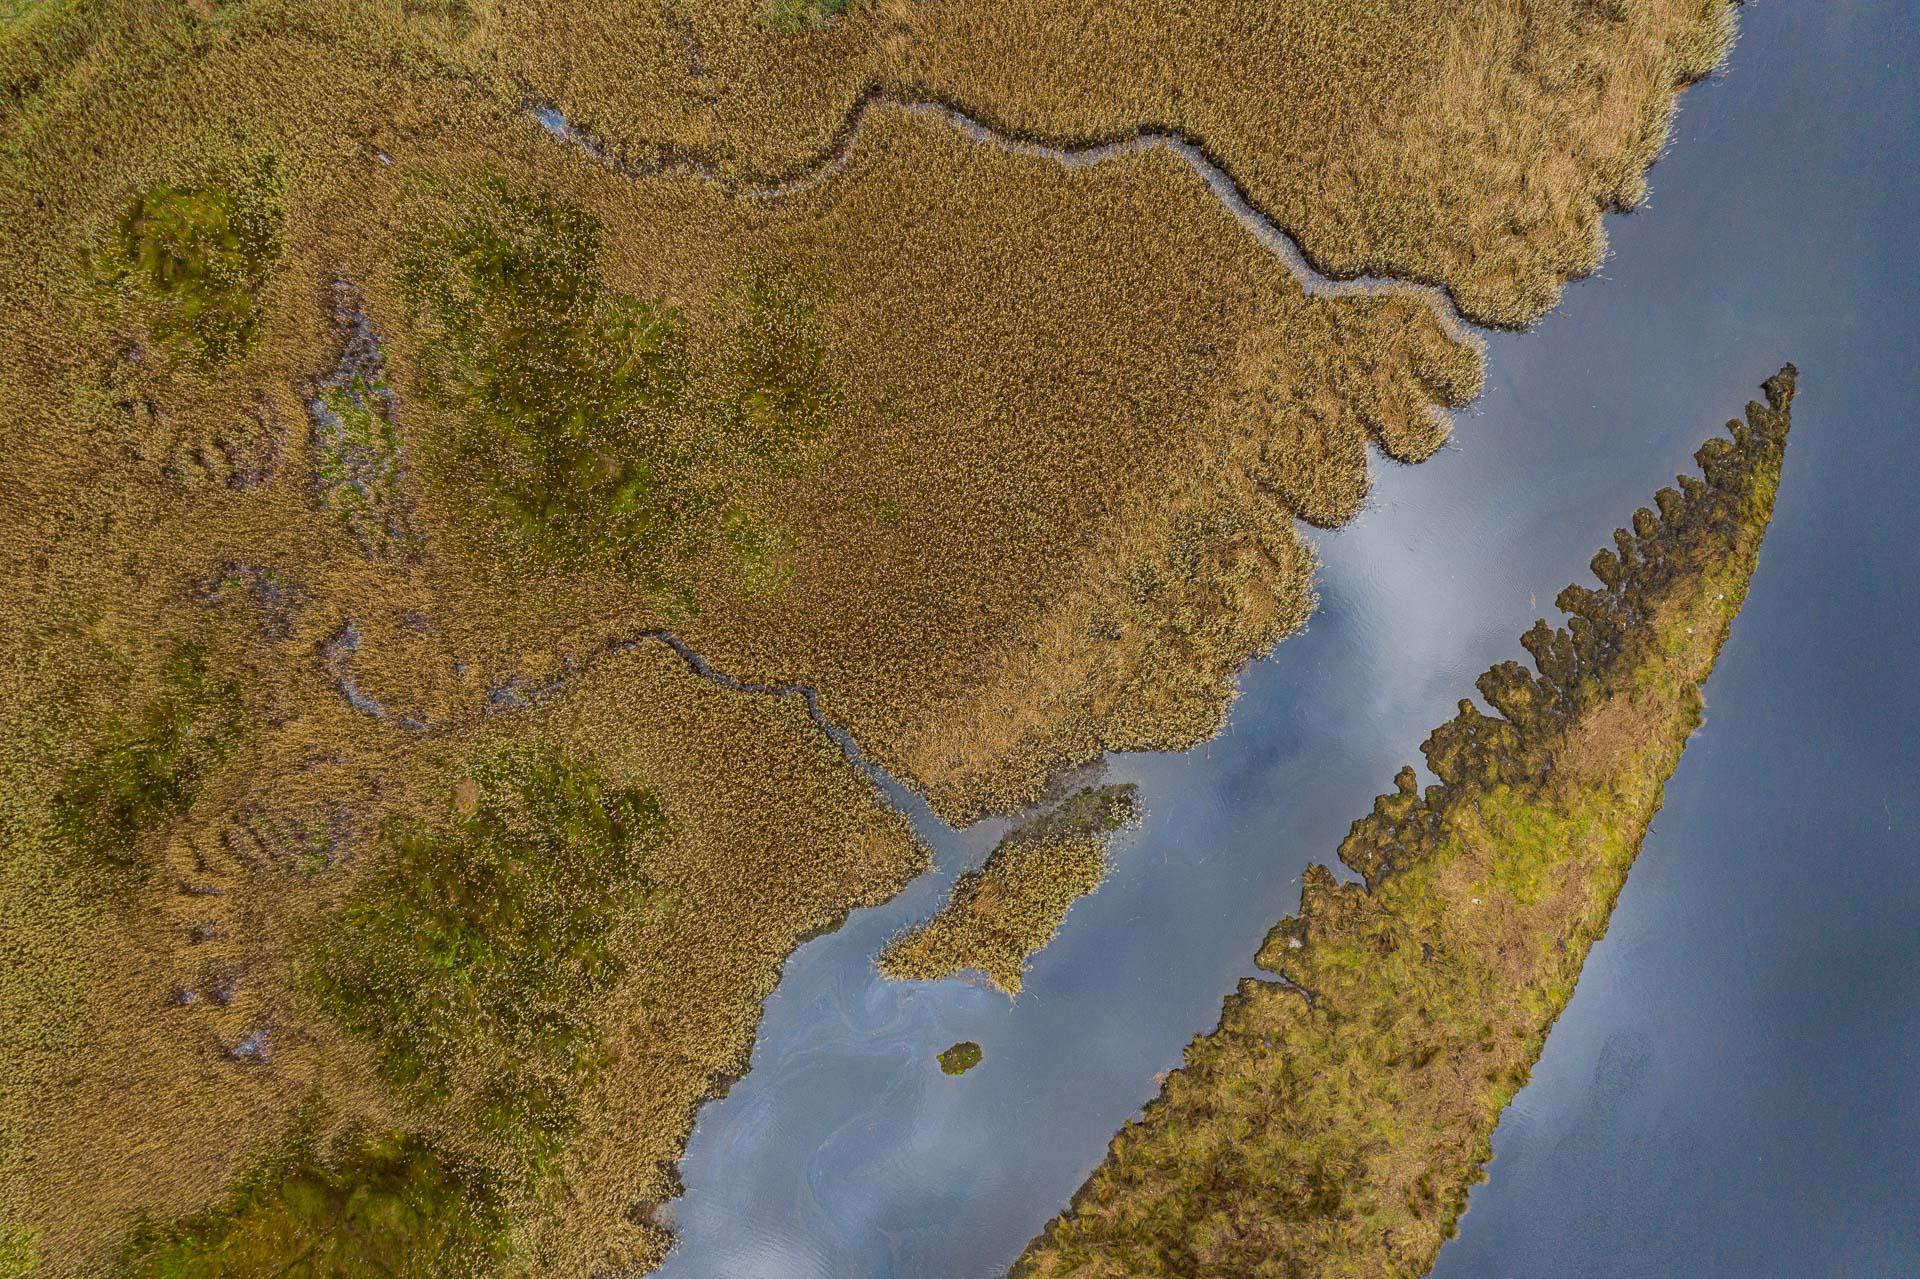 Marismas  - Desde el aire 2 - Roberto Bueno - Fotografía de Naturaleza - Luces del Planeta - Desde el aire